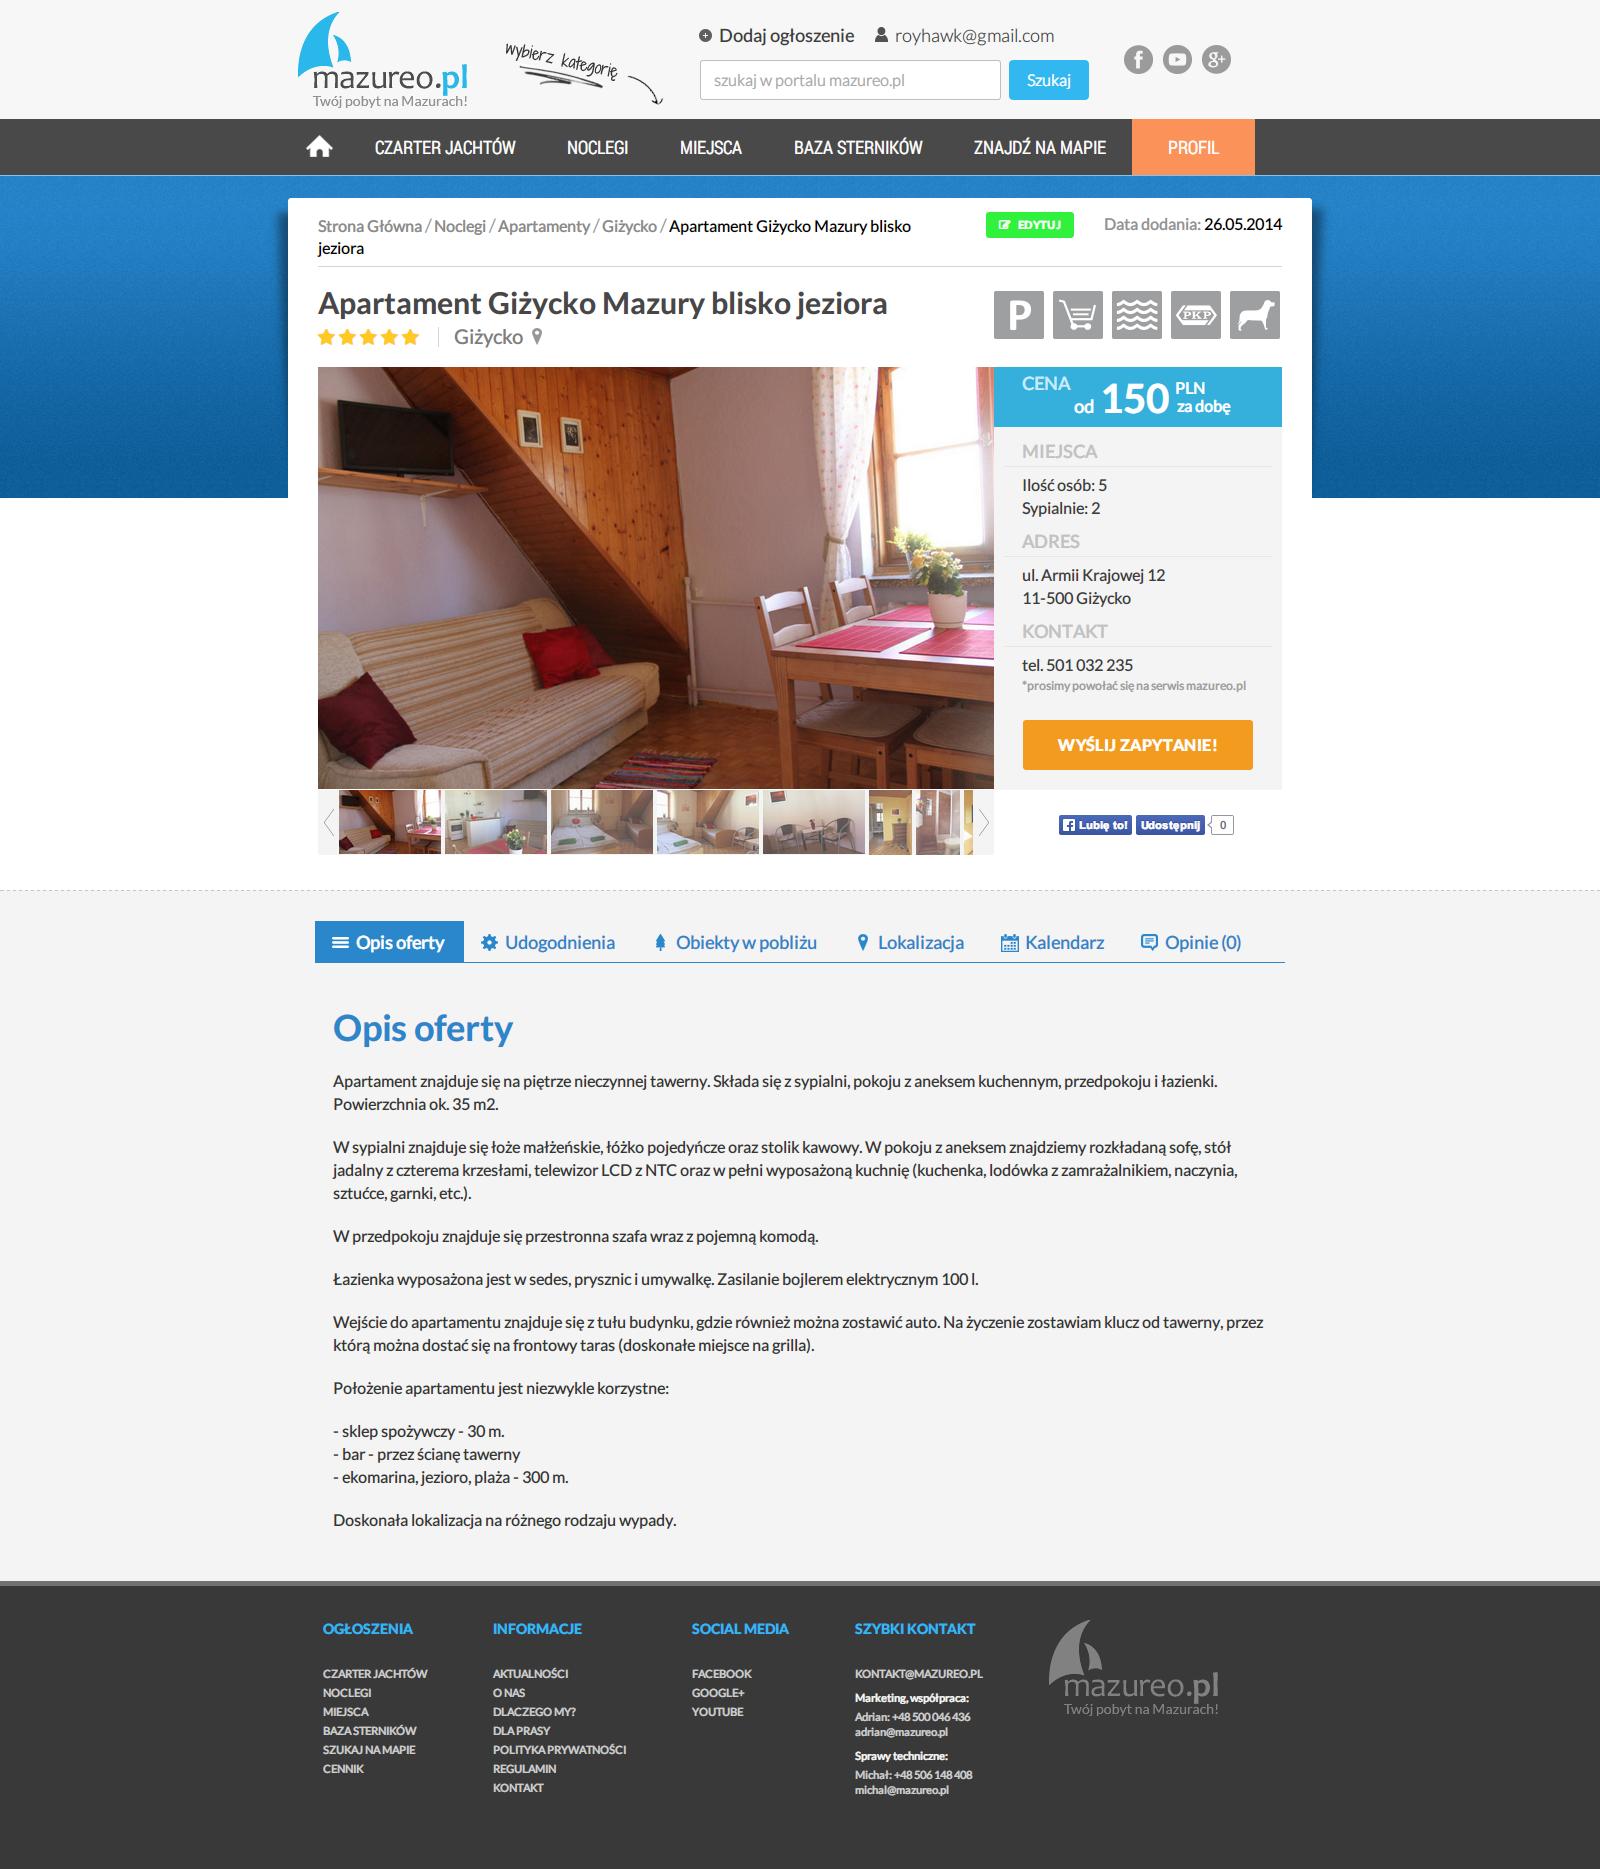 screenshot-mazureo.pl 2014-07-08 09-25-04